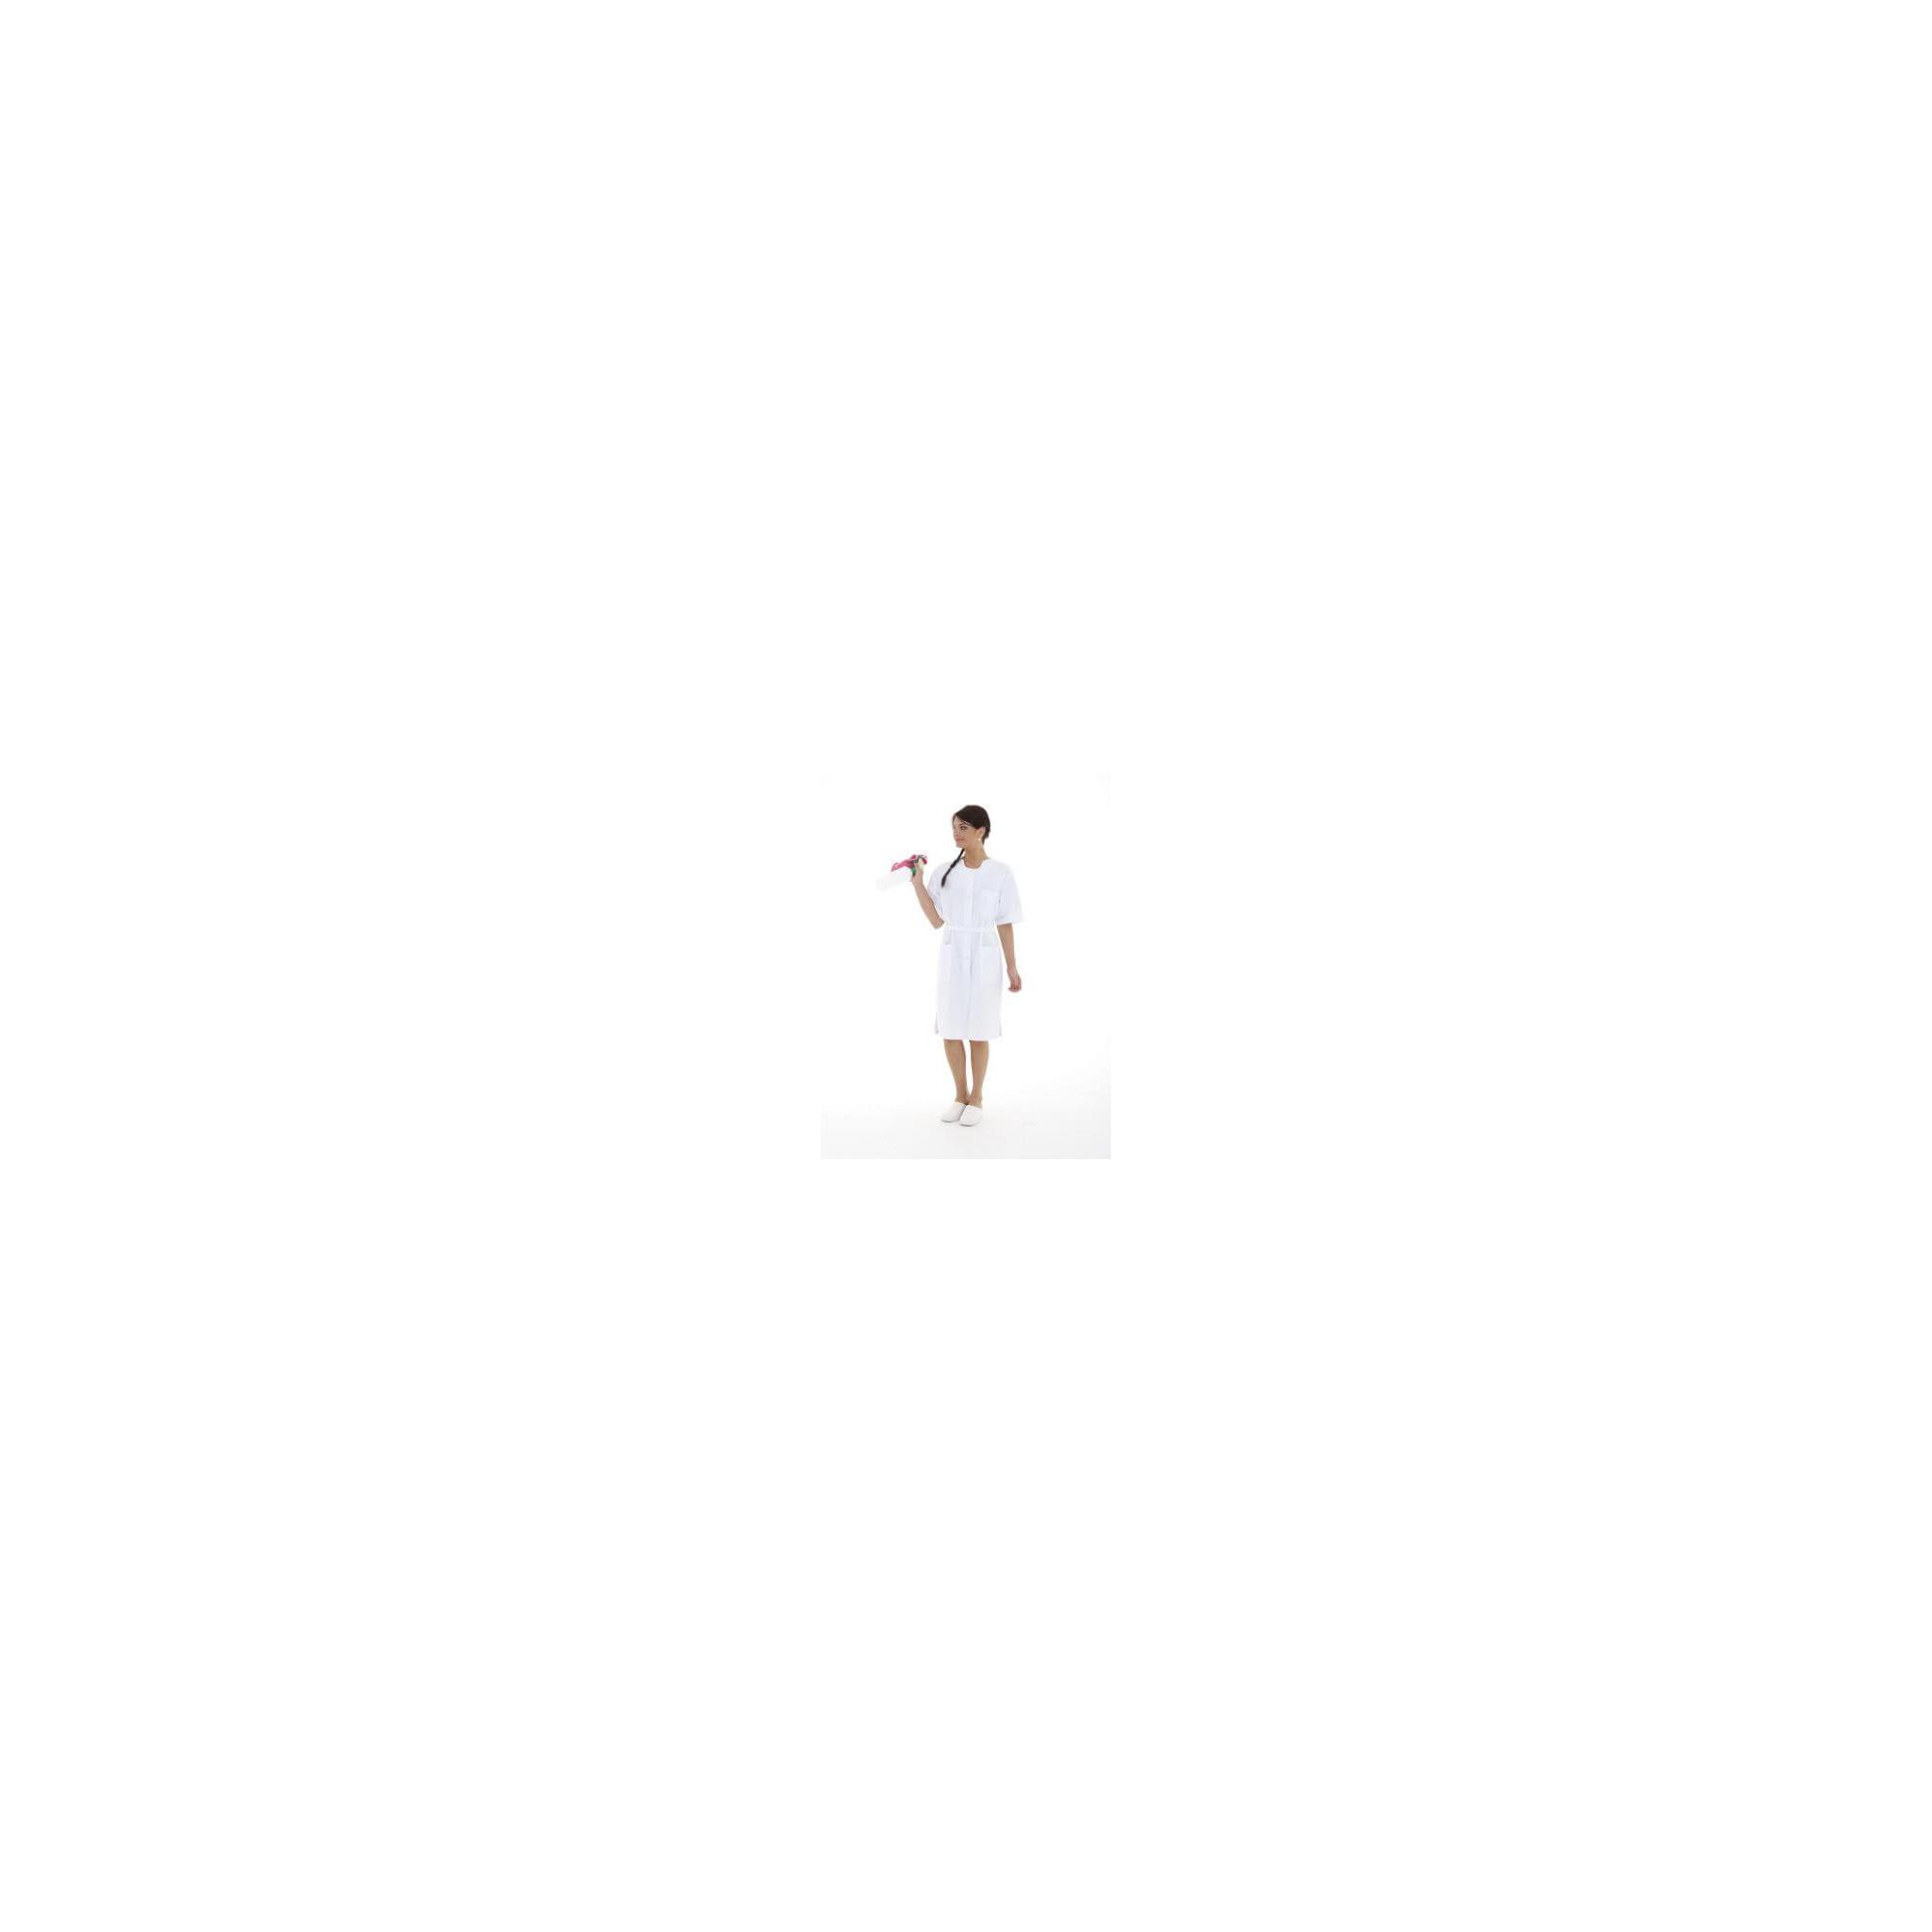 BCI-SC1/2M - Blouse longues - Manches courtes - Femme - 105 cm